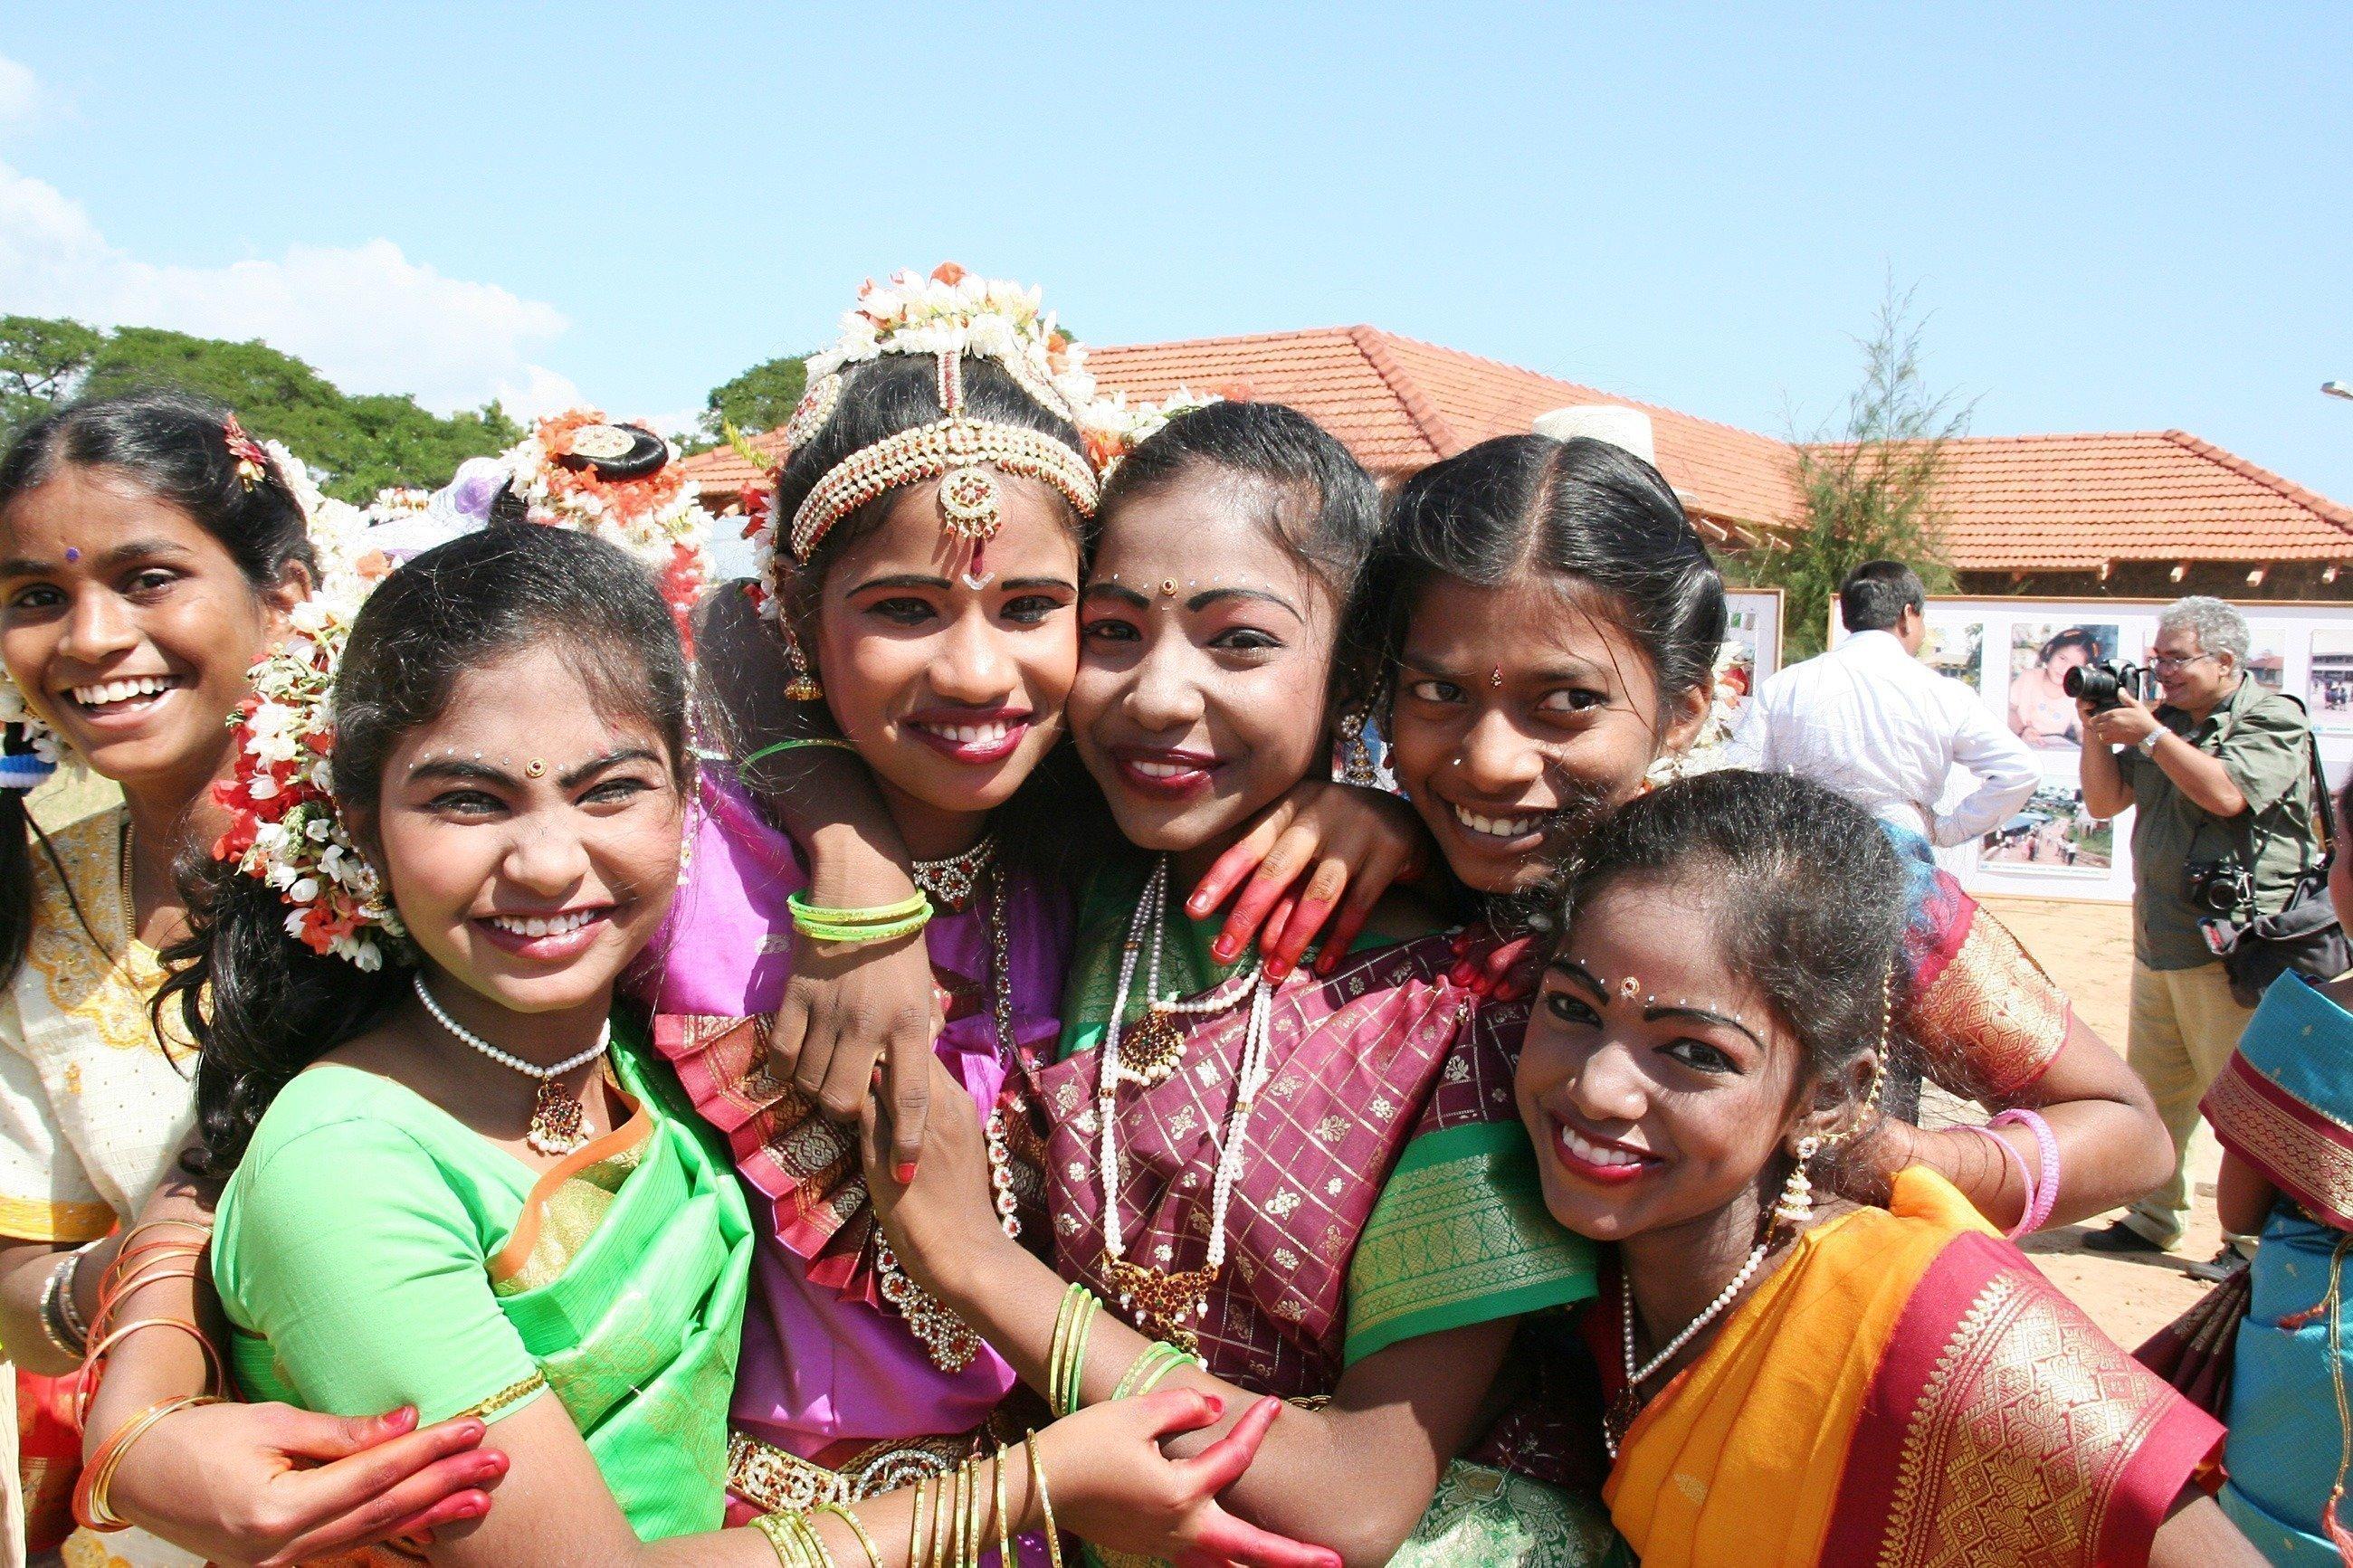 Eine Gruppe schön geschmückter Mädchen.